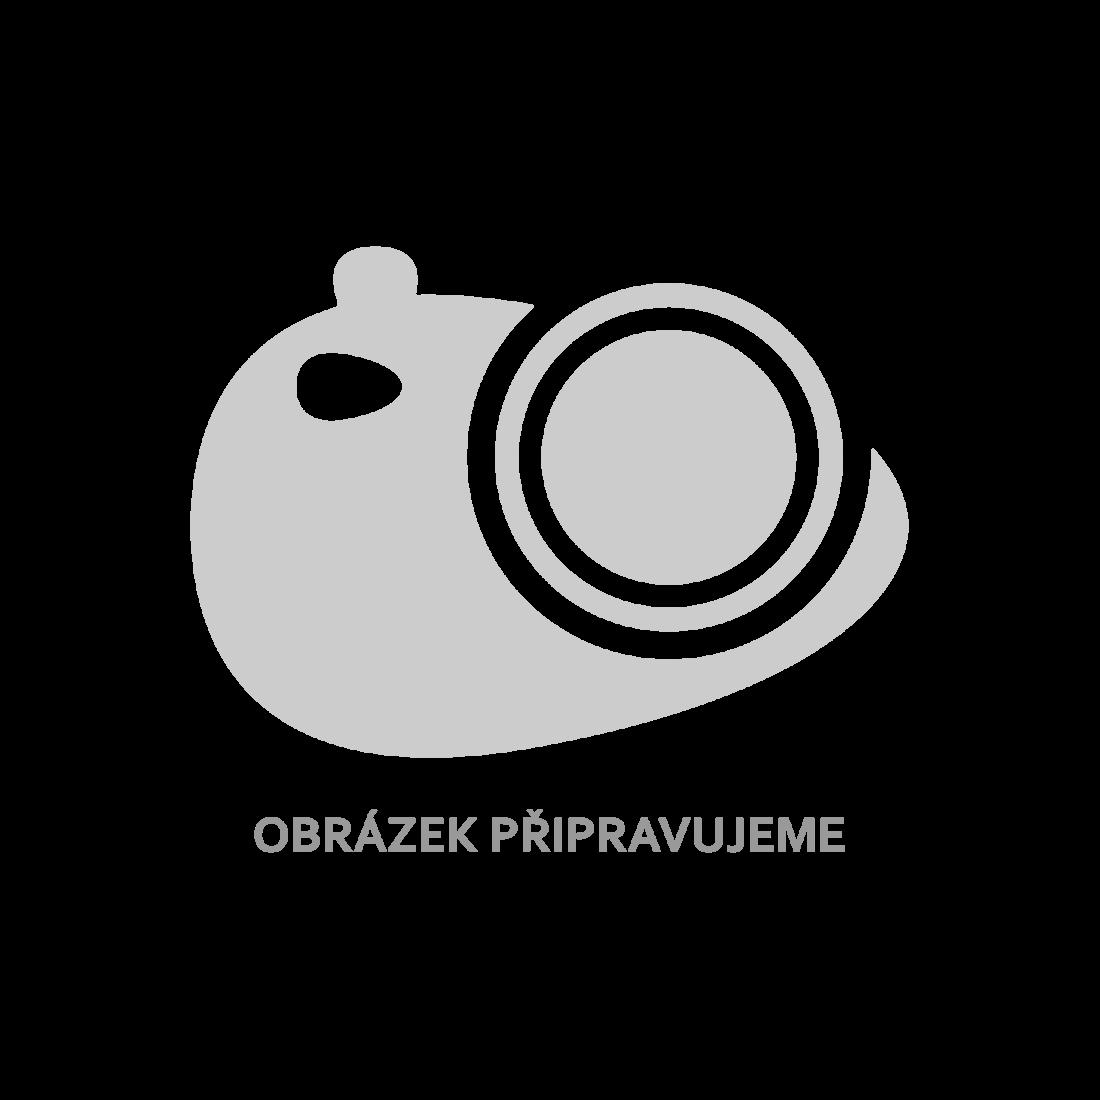 vidaXL Barové stoličky 2 ks hnědé hrubé mangovníkové dřevo pravá kůže [288085]